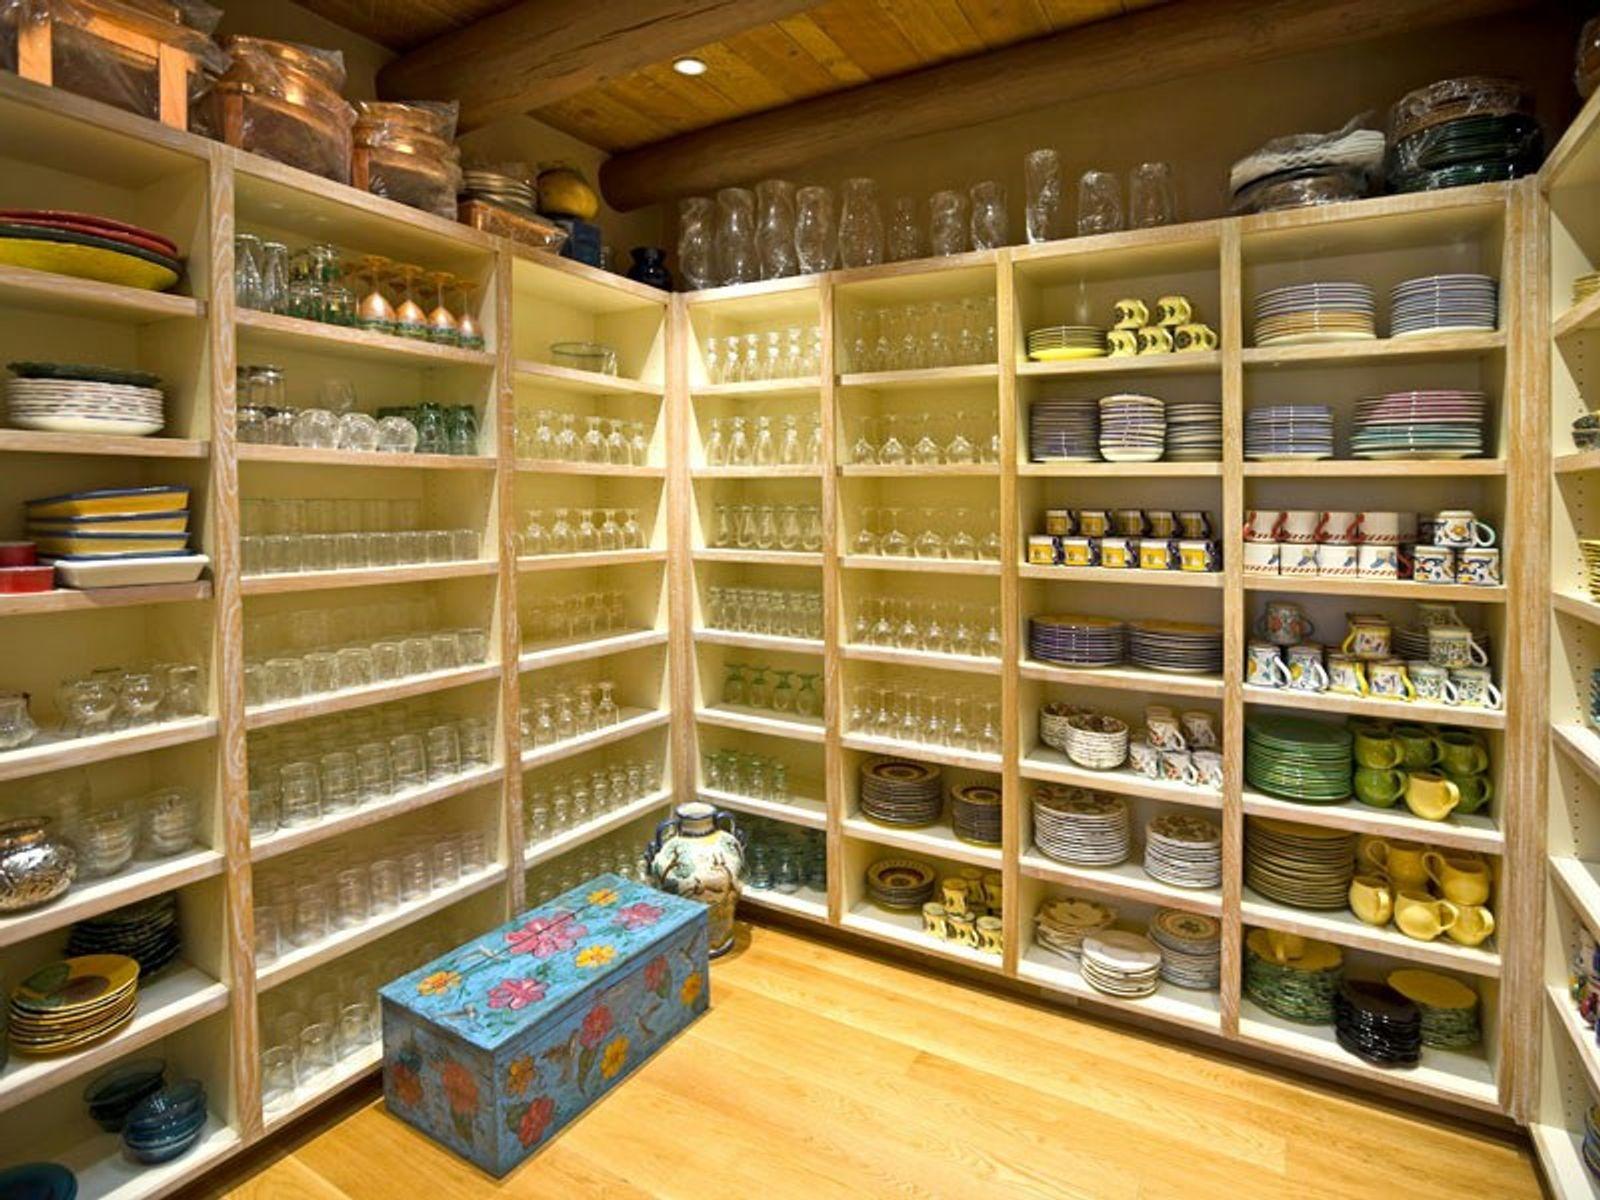 Pantry-hdwood floors, skylight, extensive shelves